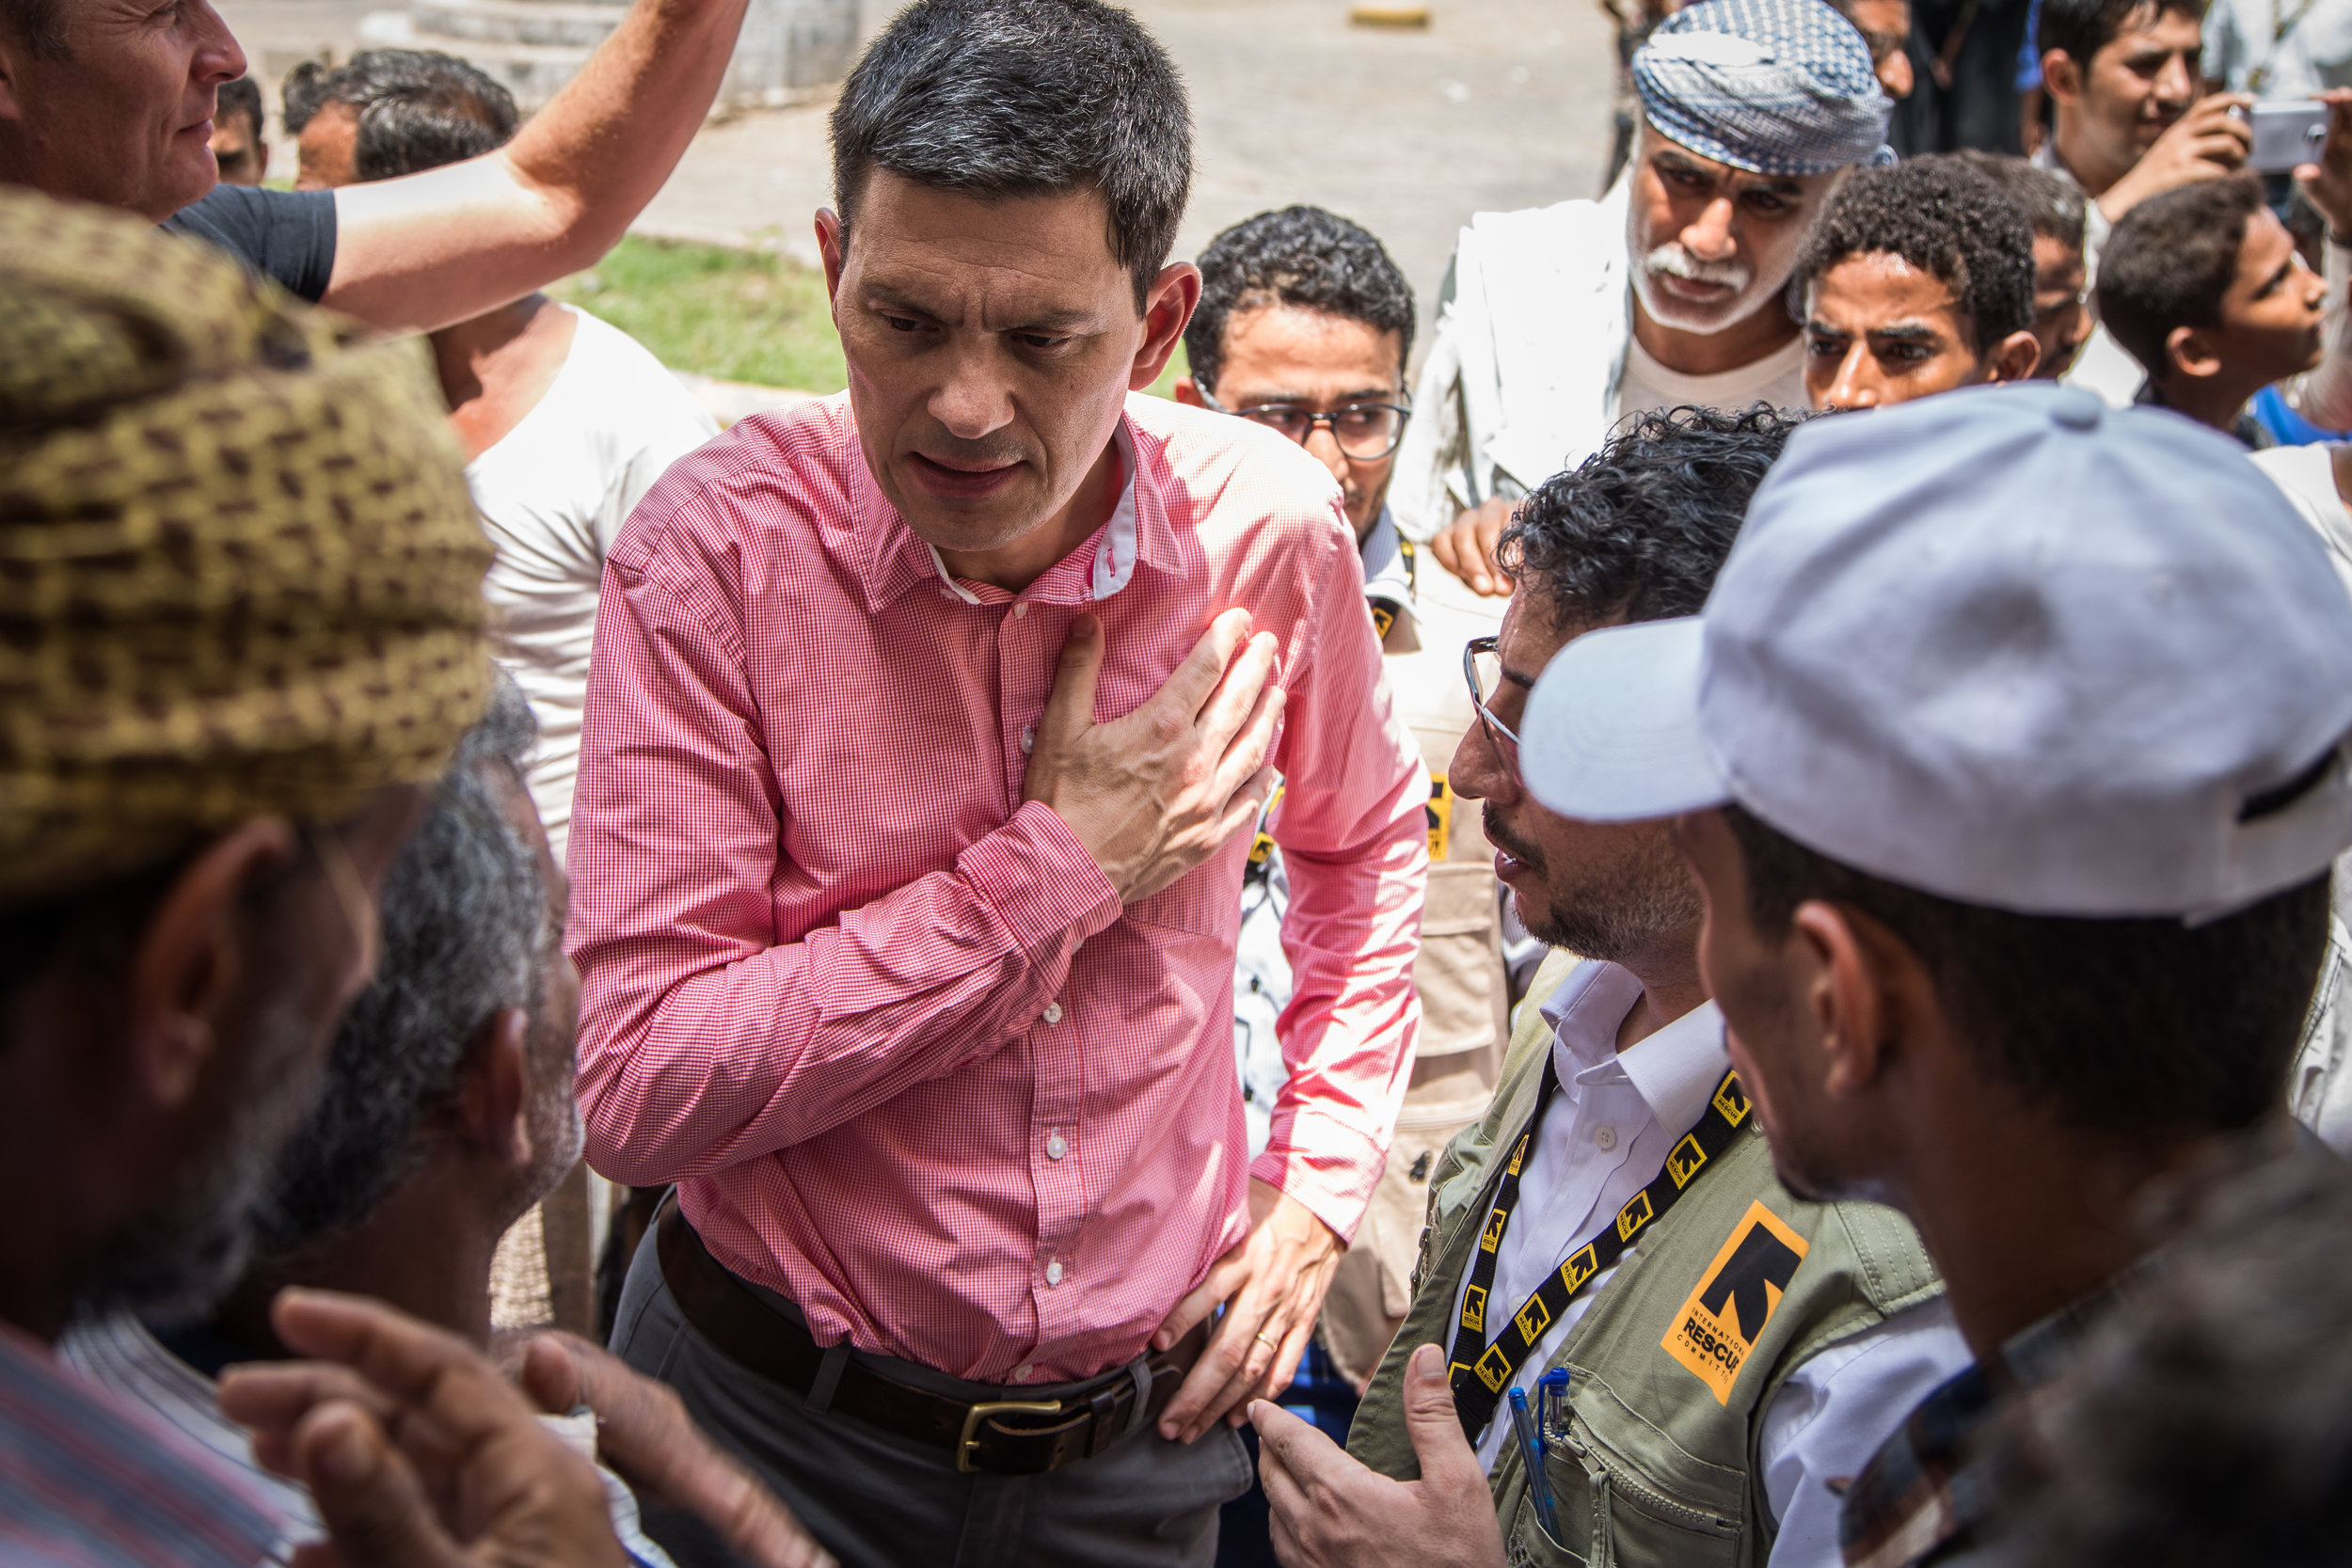 David Miliband, Präsident und CEO von IRC, besuchte im September 2018 Mitarbeitende in Bajil, im Gouvernement Hodeidah, Jemen, nur 50 km von der Kriegsfront entfernt. © KELLIE RYAN / IRC